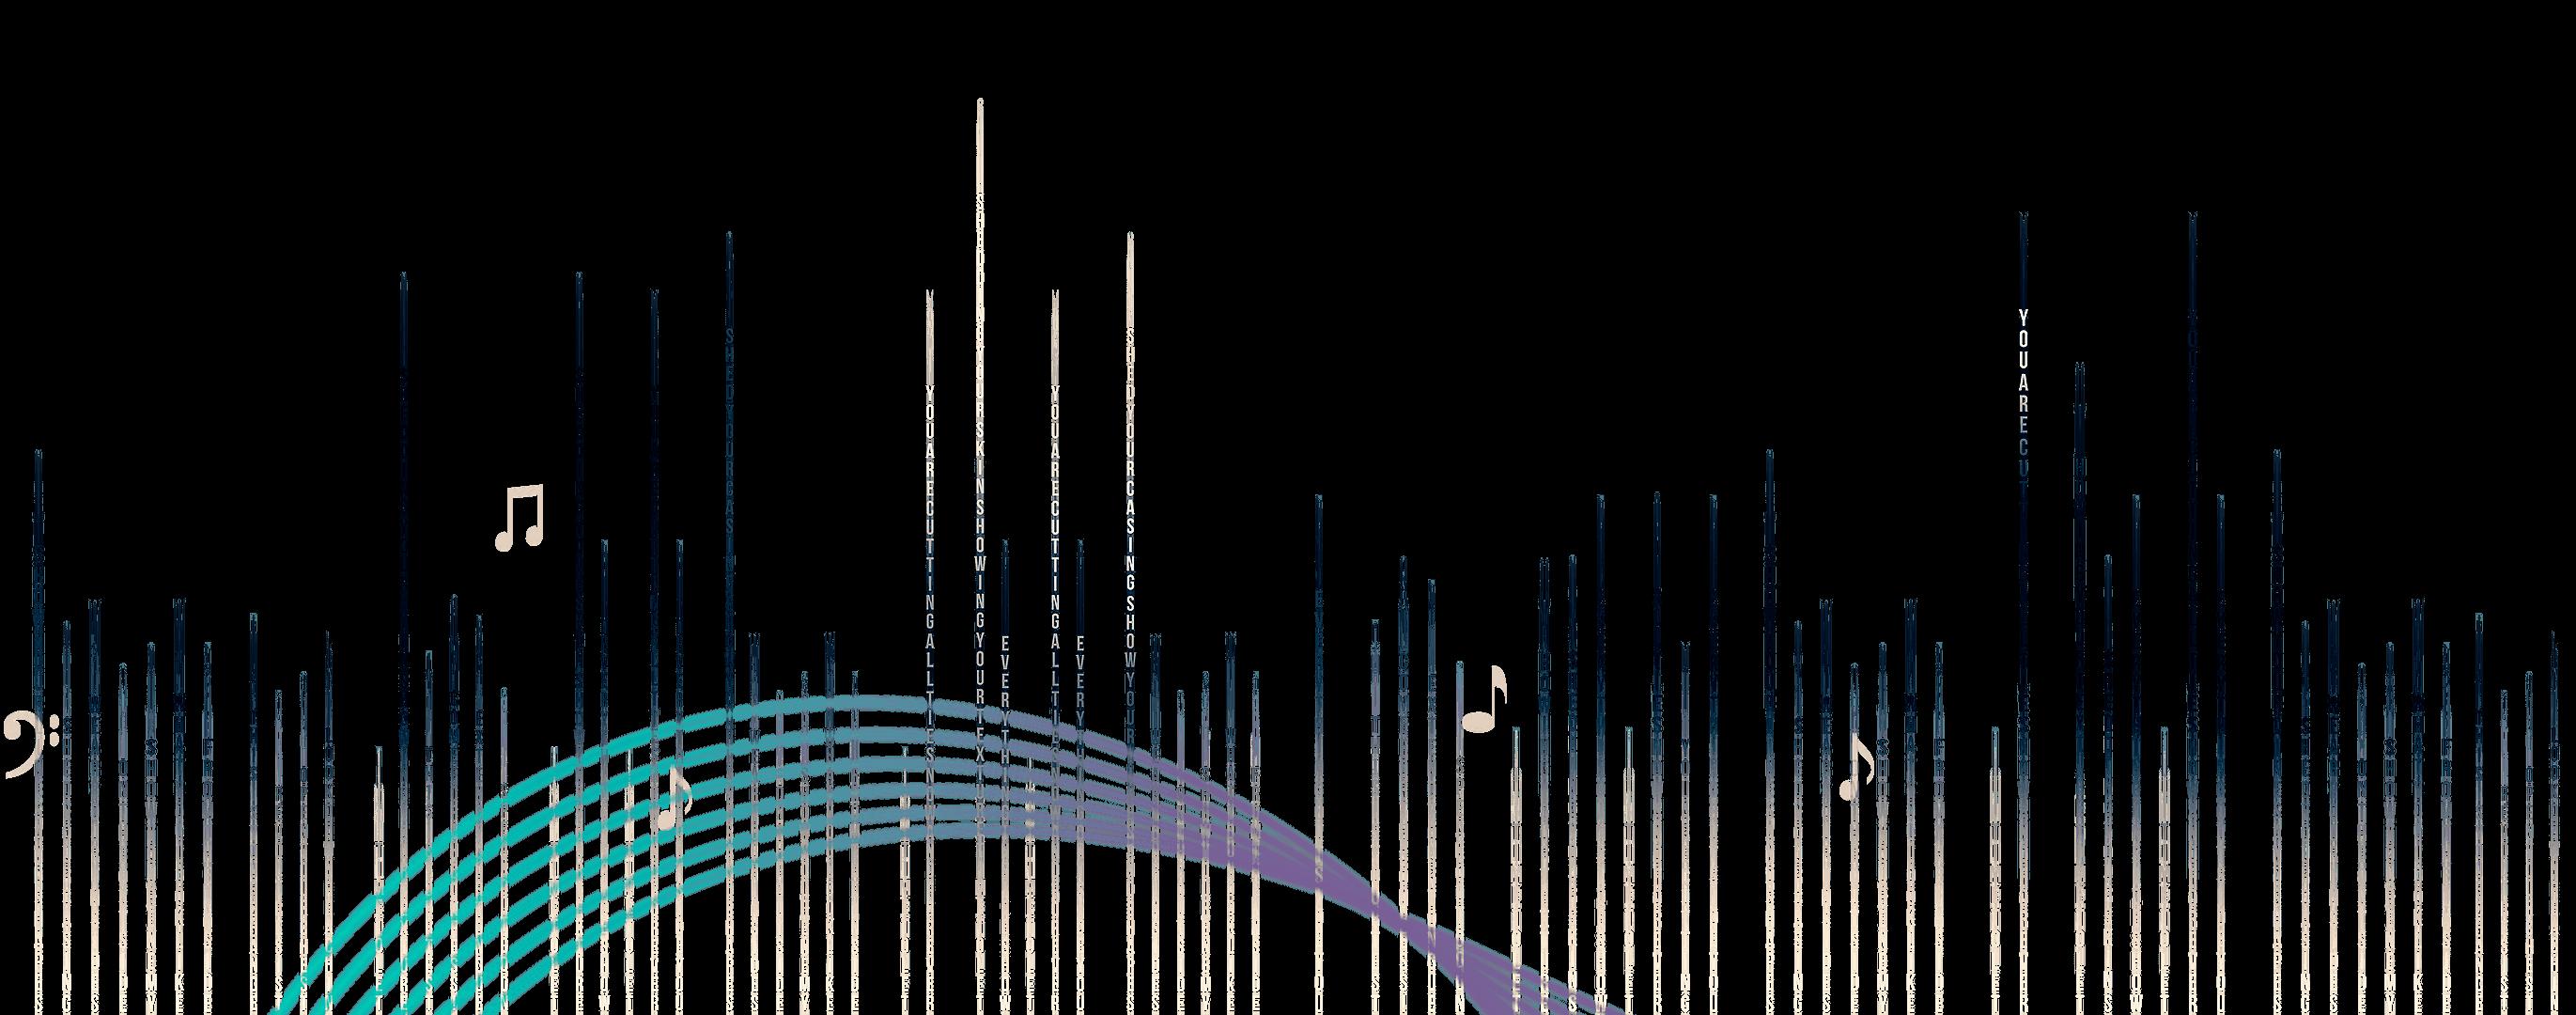 Markante und herausstechende Visuals entwickelt von der Agentur David Bock Marketing und Design - Attendorn | Südwestfalen